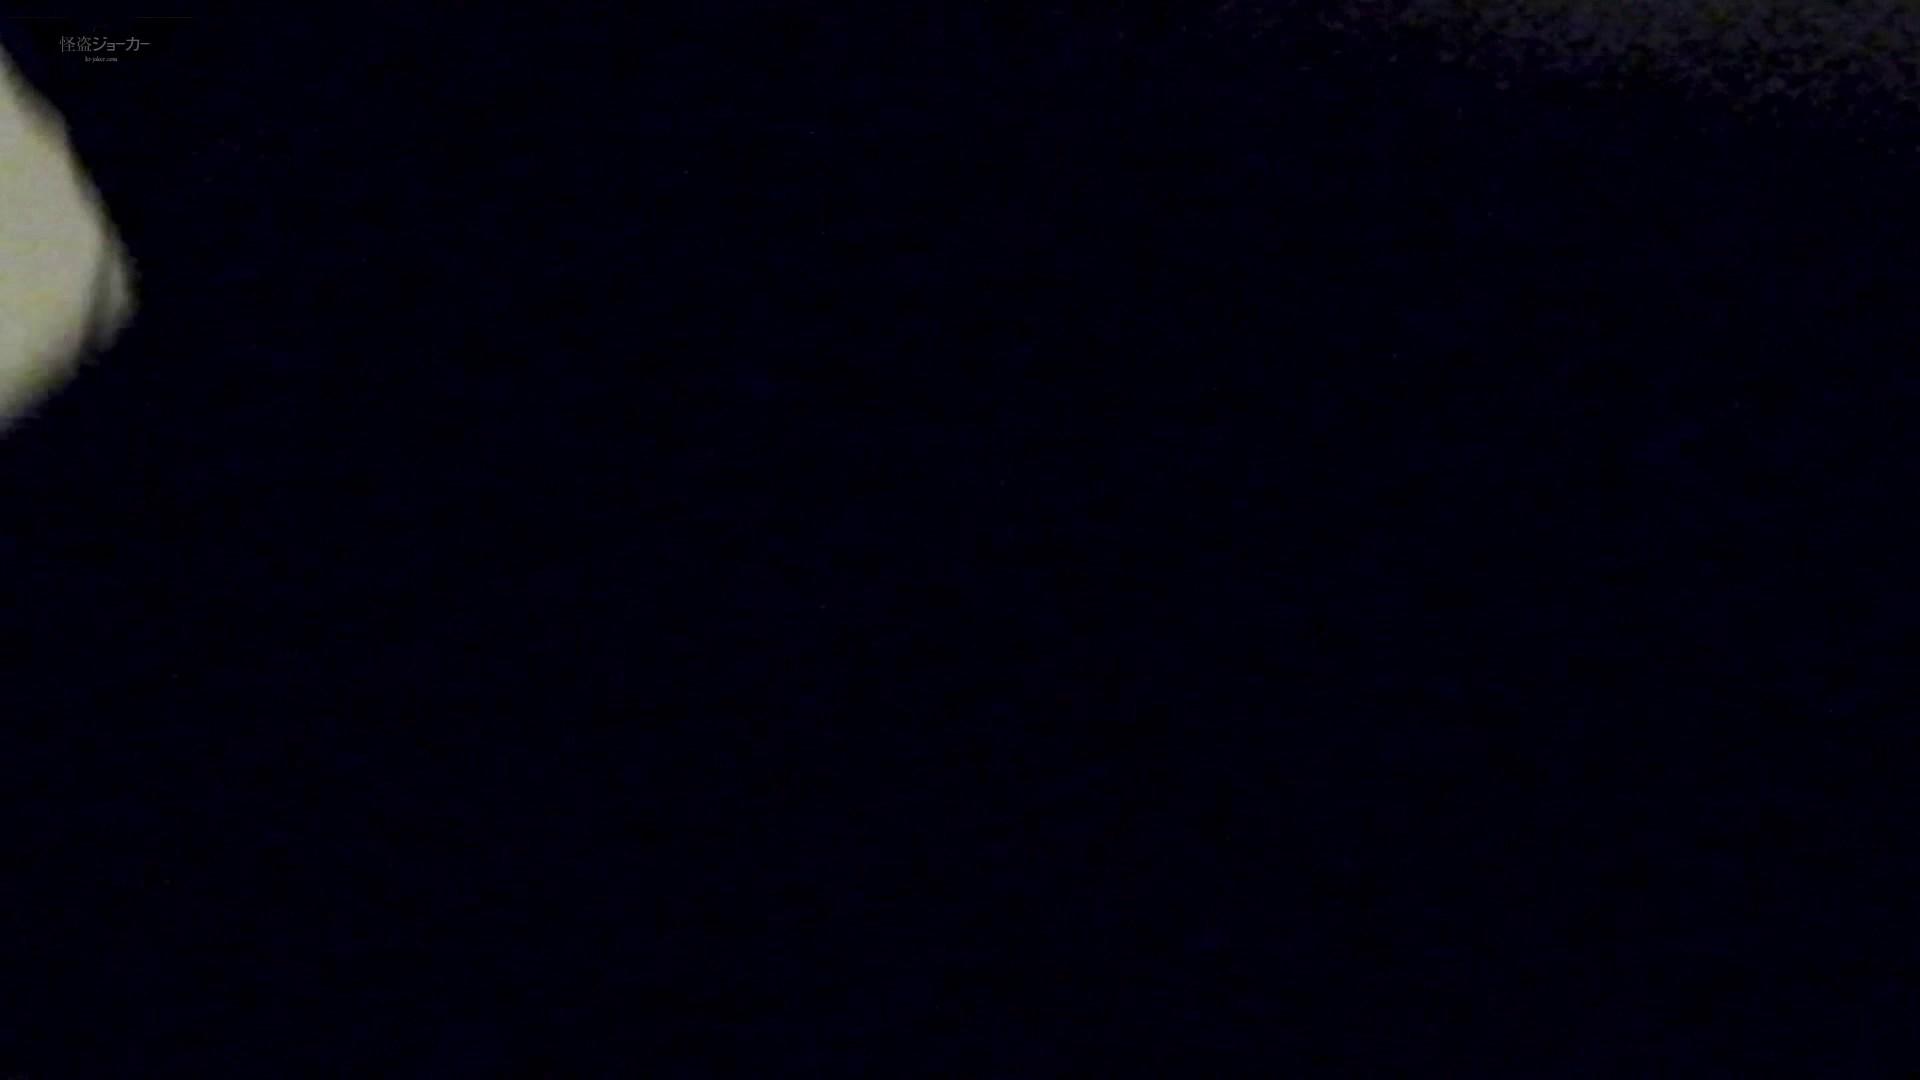 新世界の射窓 No64日本ギャル登場か?ハイヒール大特集! ギャル盗撮映像   洗面所  84PIX 61